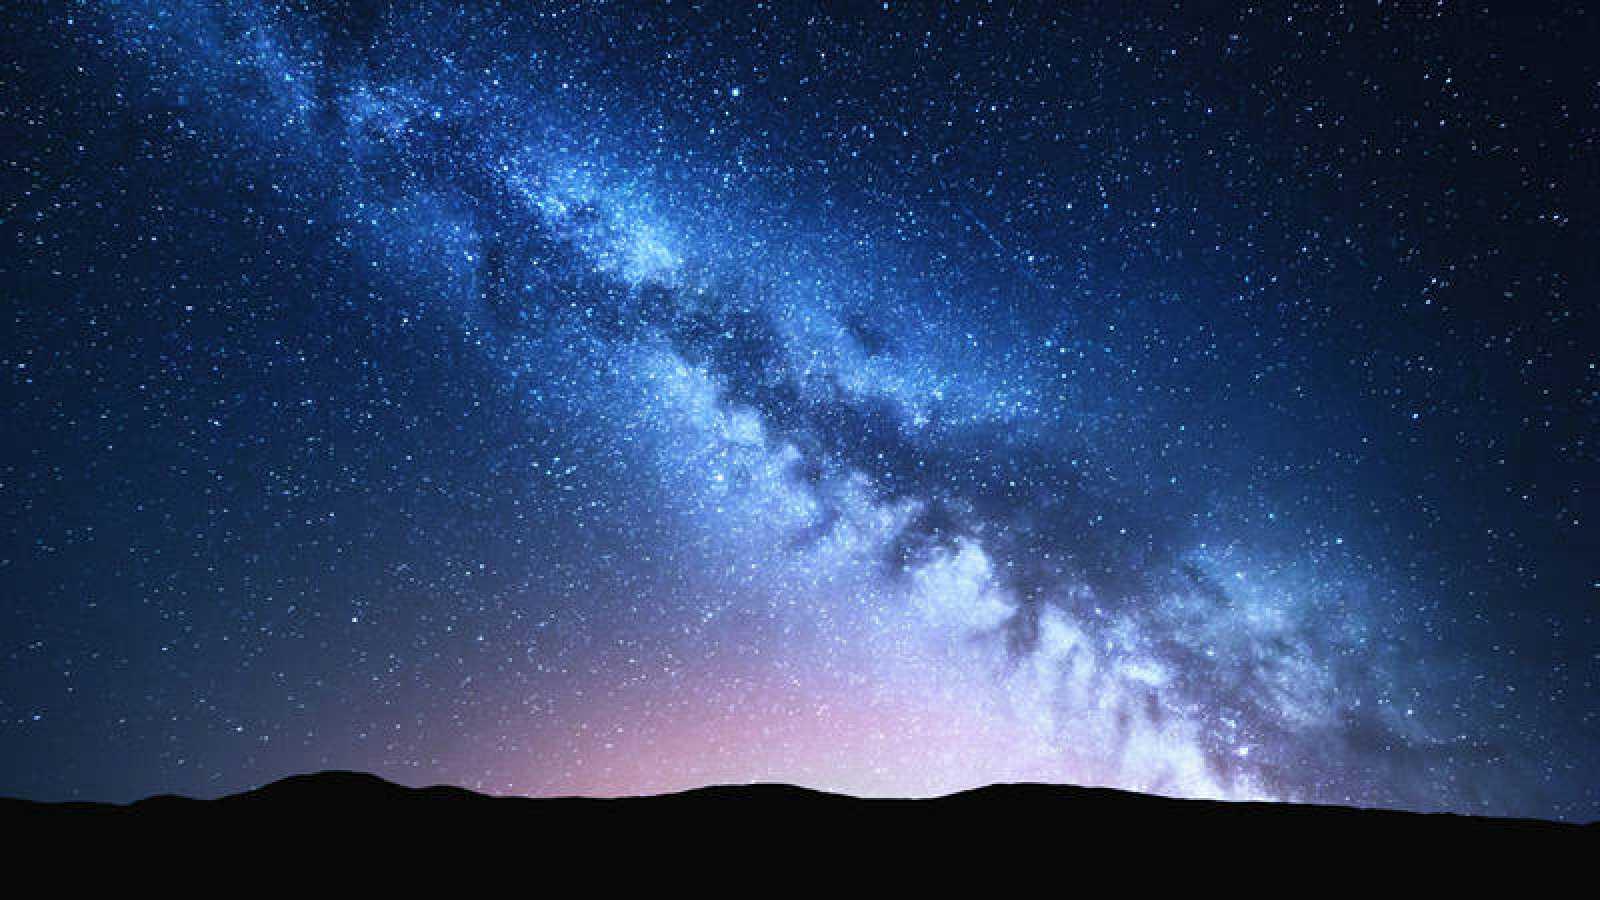 Hallan una gran estructura cósmica, como un reloj de arena, en la Vía Láctea